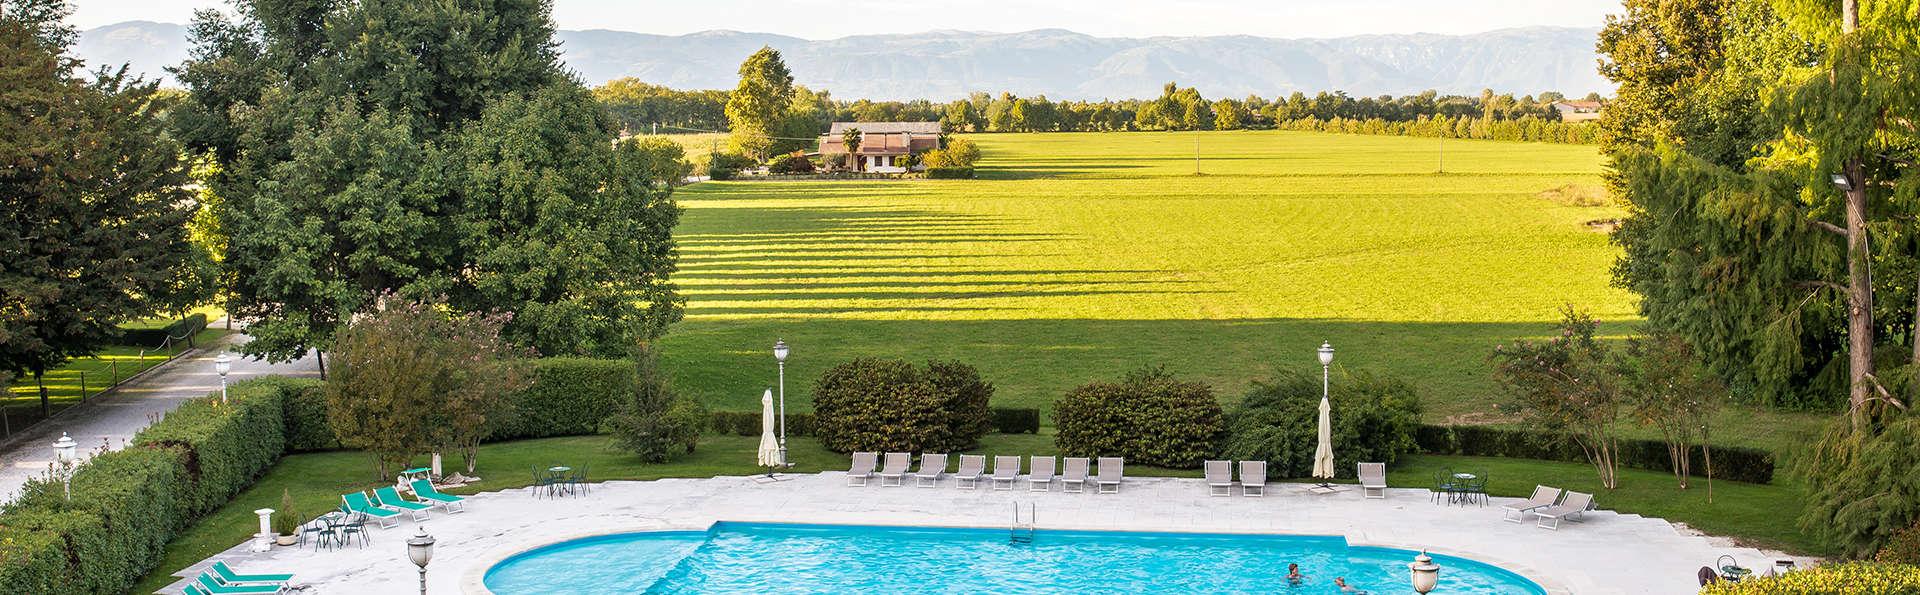 Découvrez le cœur de la Vénétie, entre Vicence et Padoue, entouré d'un charmant jardin